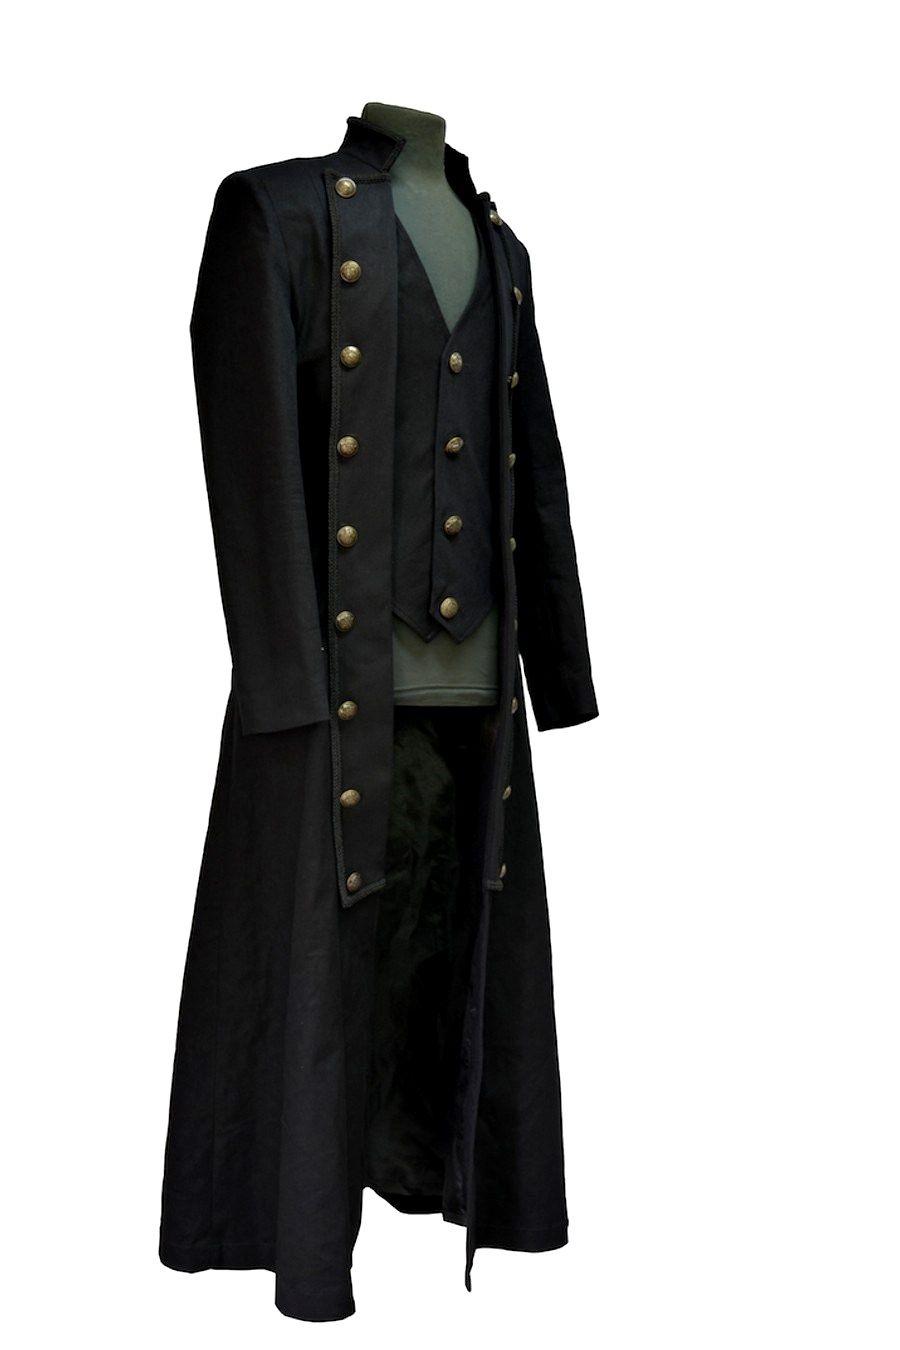 Manteau long pour homme pas cher